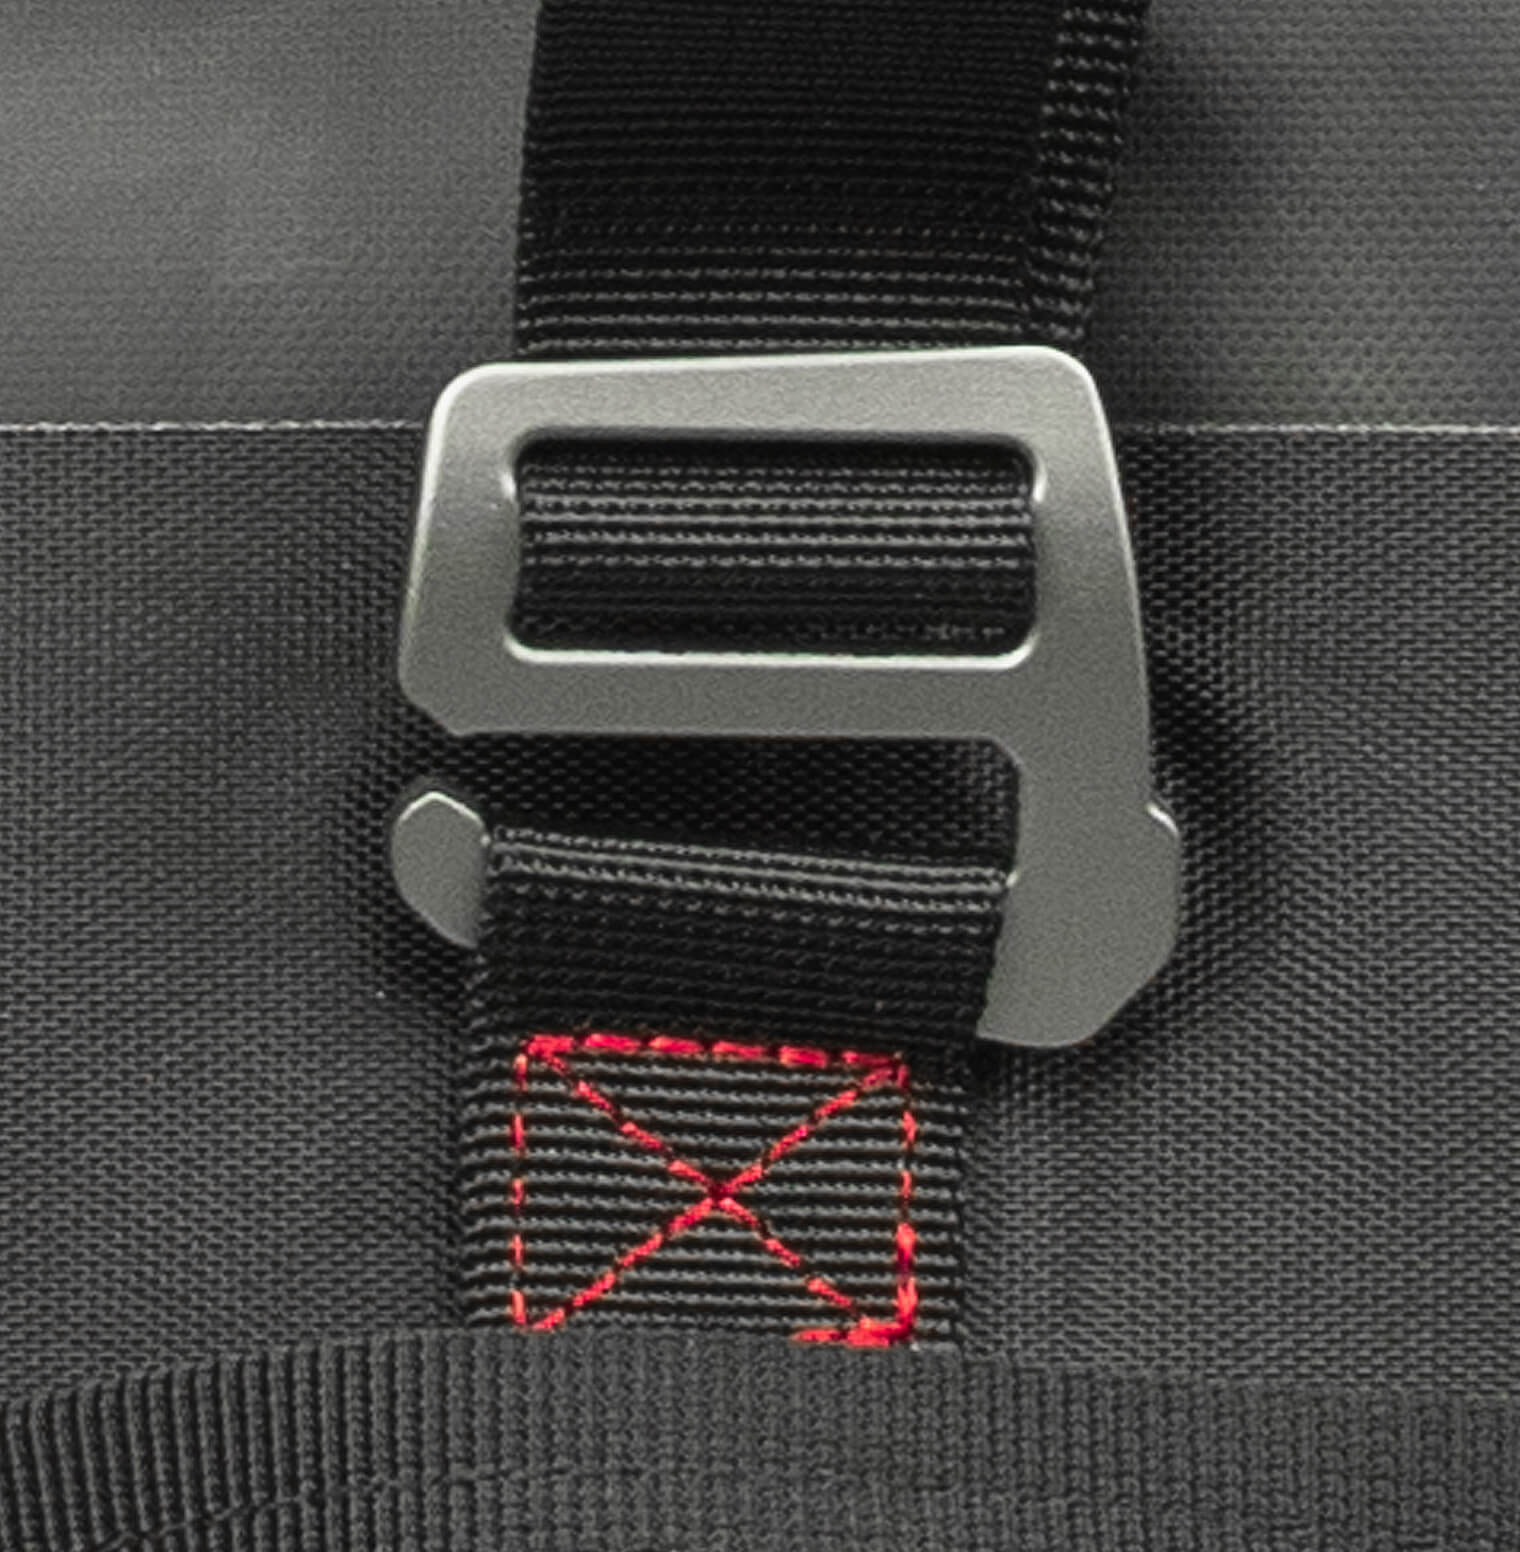 EGO Kryptek Dry Bag 100 Liter Backpack Straps